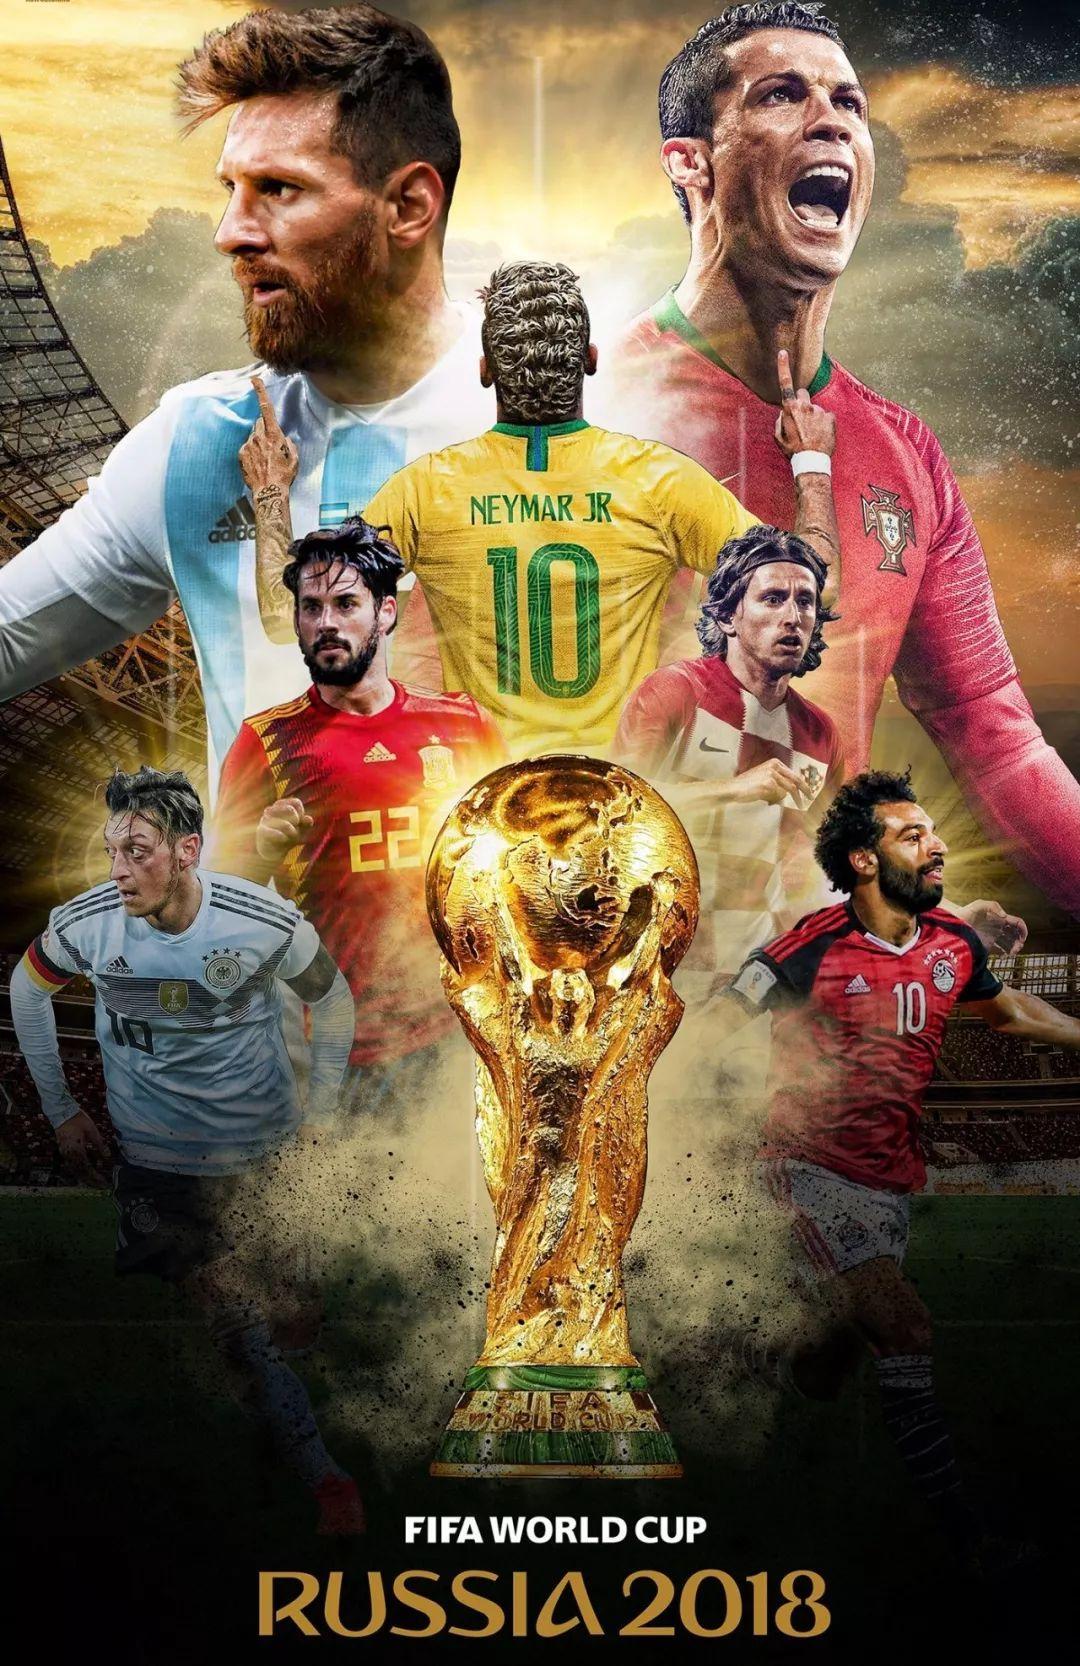 体育旅游成新热点 世界杯或迎16年来最大规模中